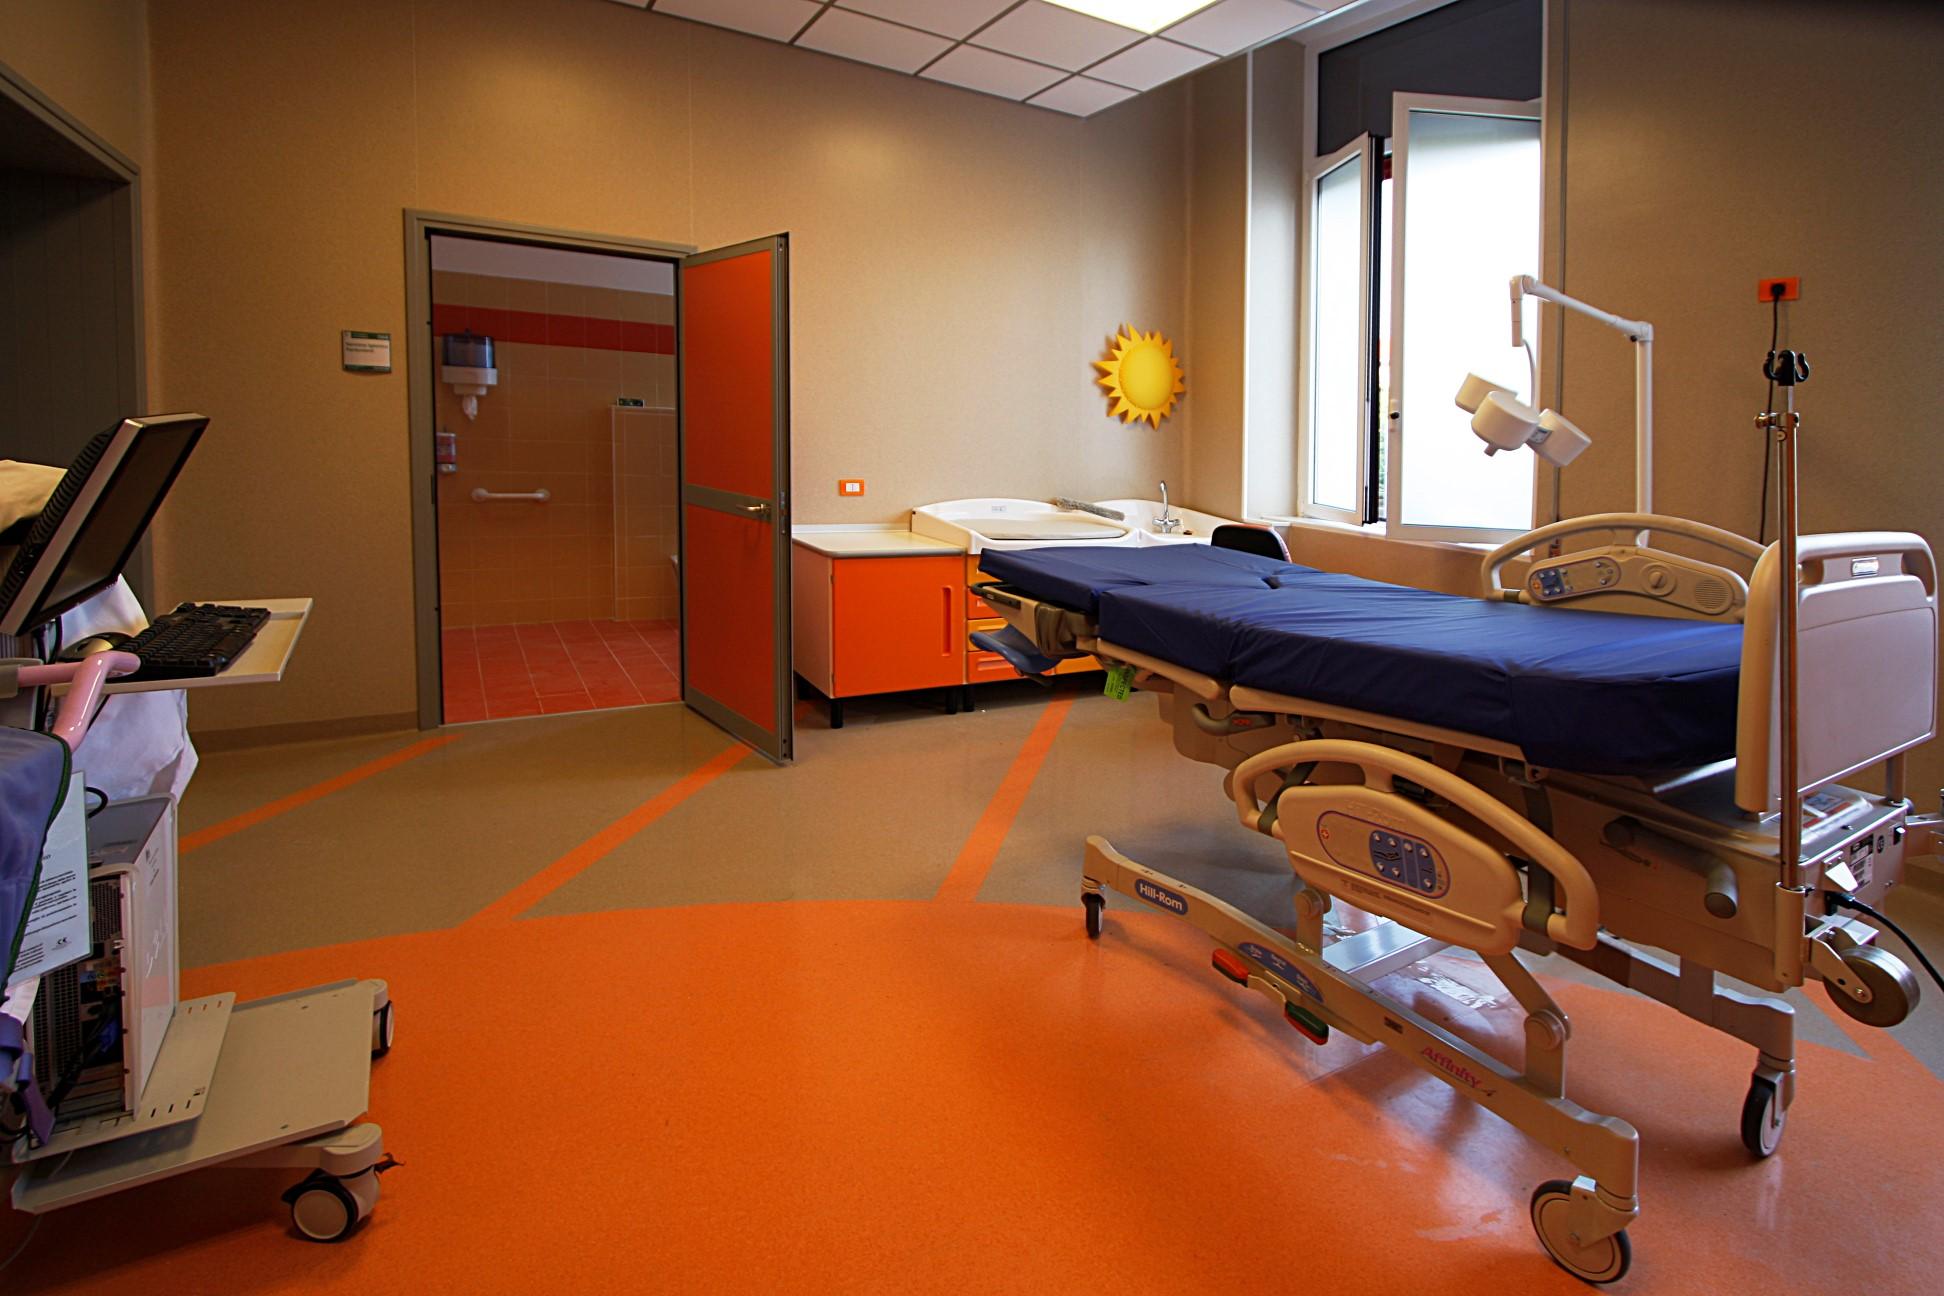 Sala Parto Ospedale Papa Giovanni Xxiii Bergamo : Tragedie in ospedale a sassuolo due neonati morti cronaca